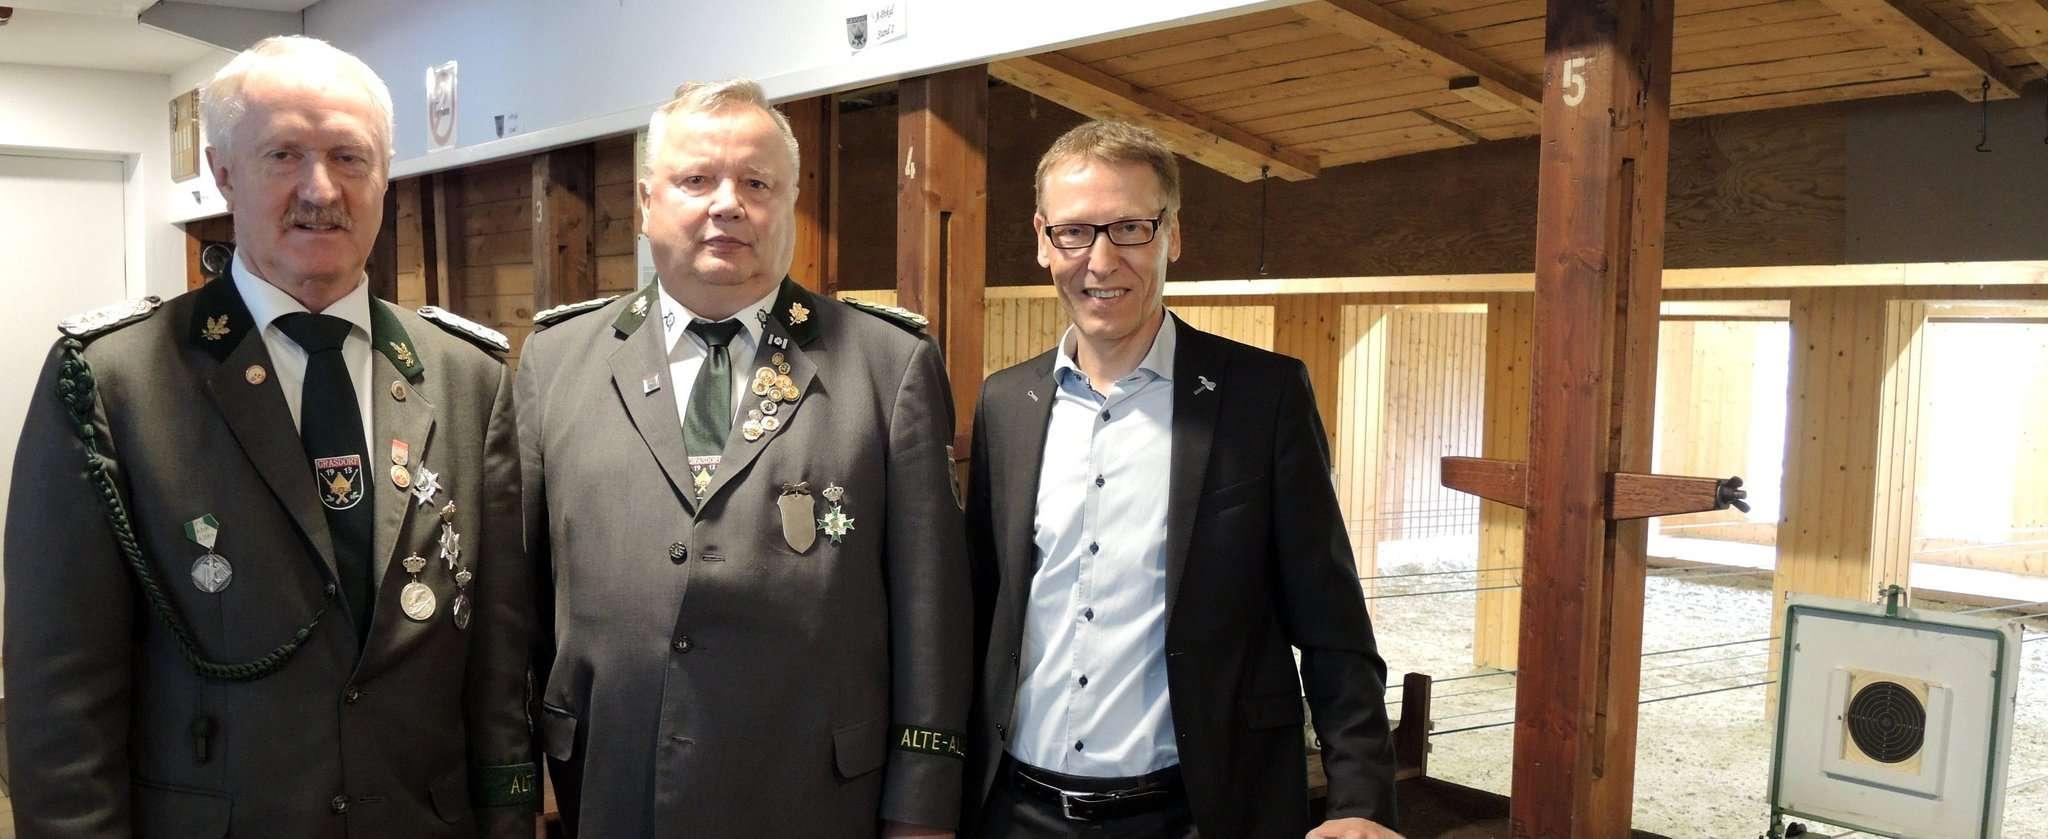 Hans Therkorn (von links, zweiter Vorsitzender), Manfred Lohmann (Vorsitzender) und Helge Dannat, E-Werksleiter Ottersberg Foto: Flecken Ottersberg